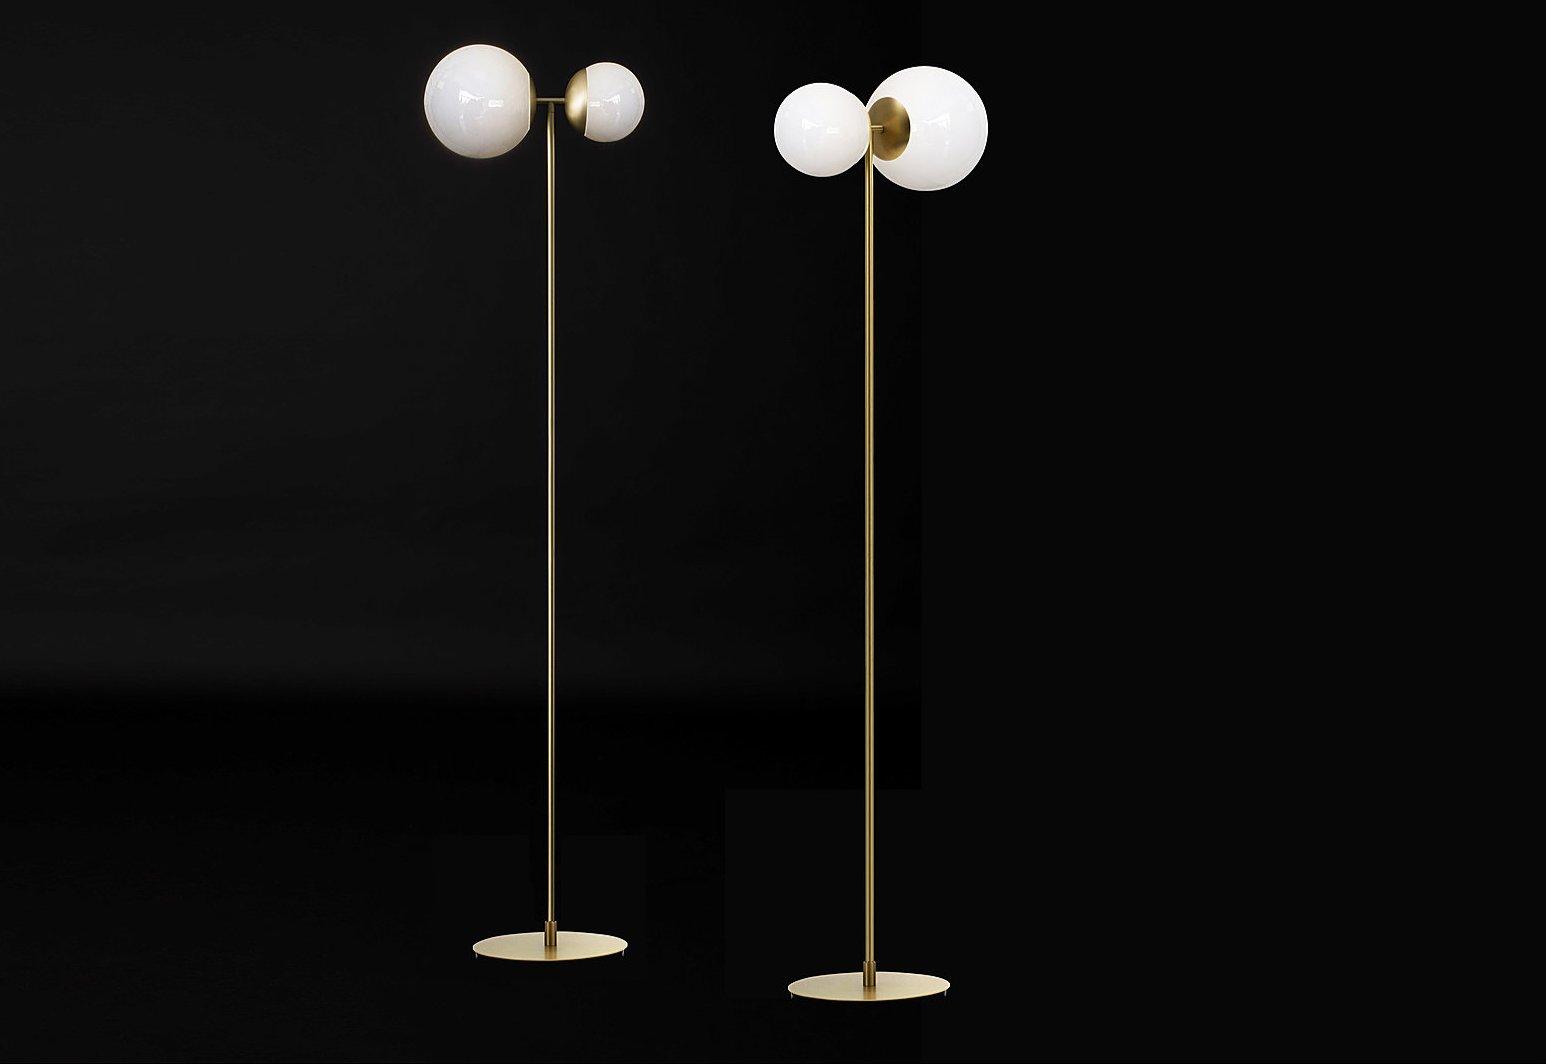 Biba Stehlampe von Lorenza Bozzoli für TATO